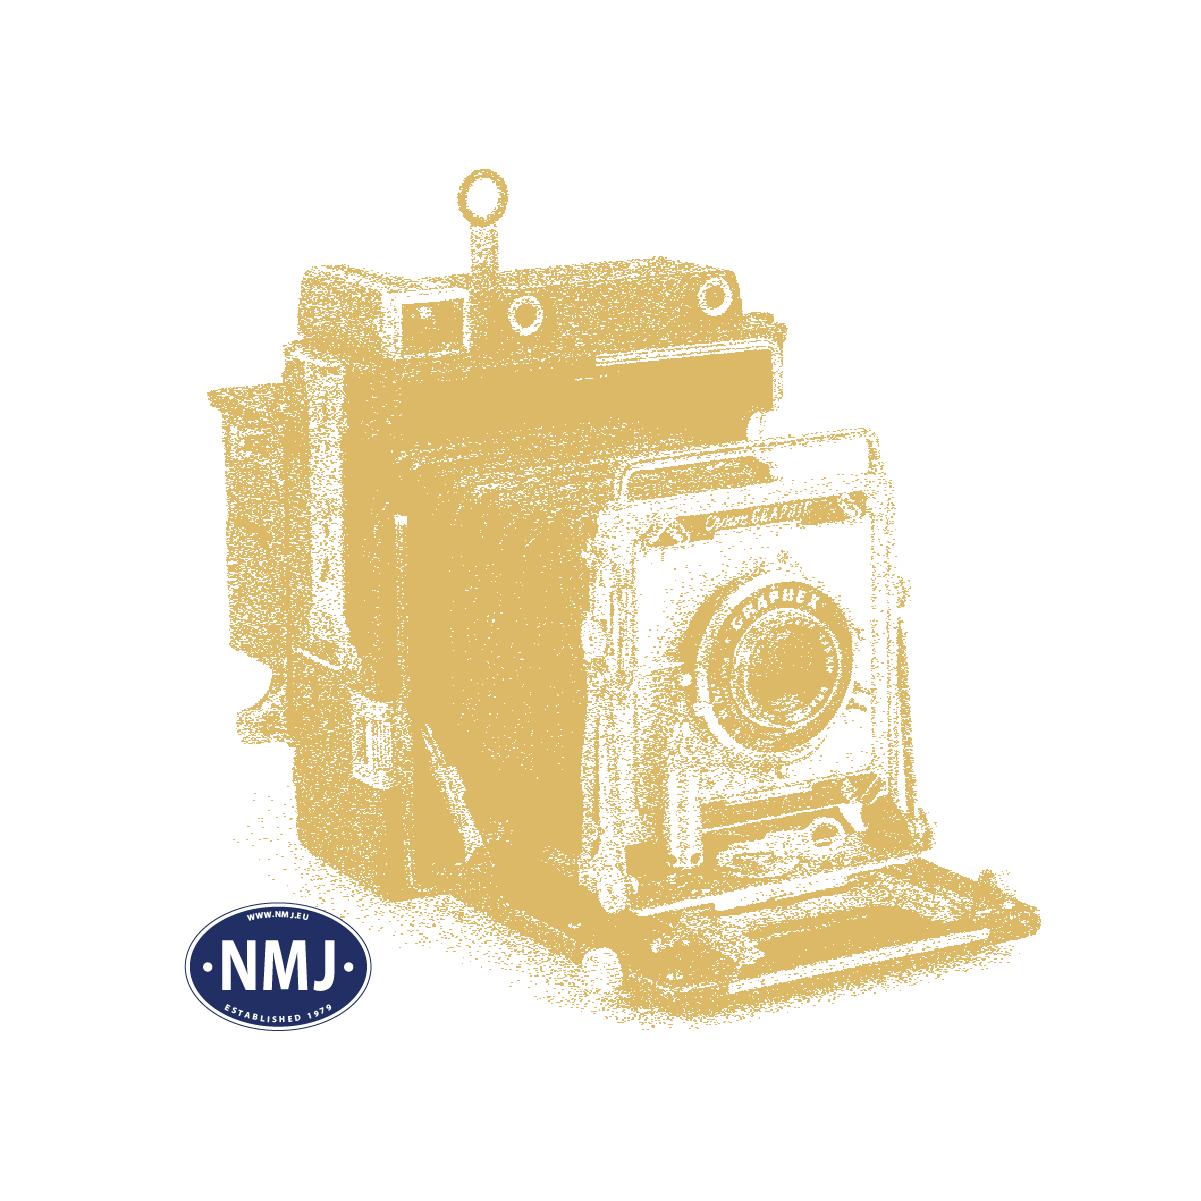 NMJT199.104 - NMJ Topline Stående Reisende, Sett #2